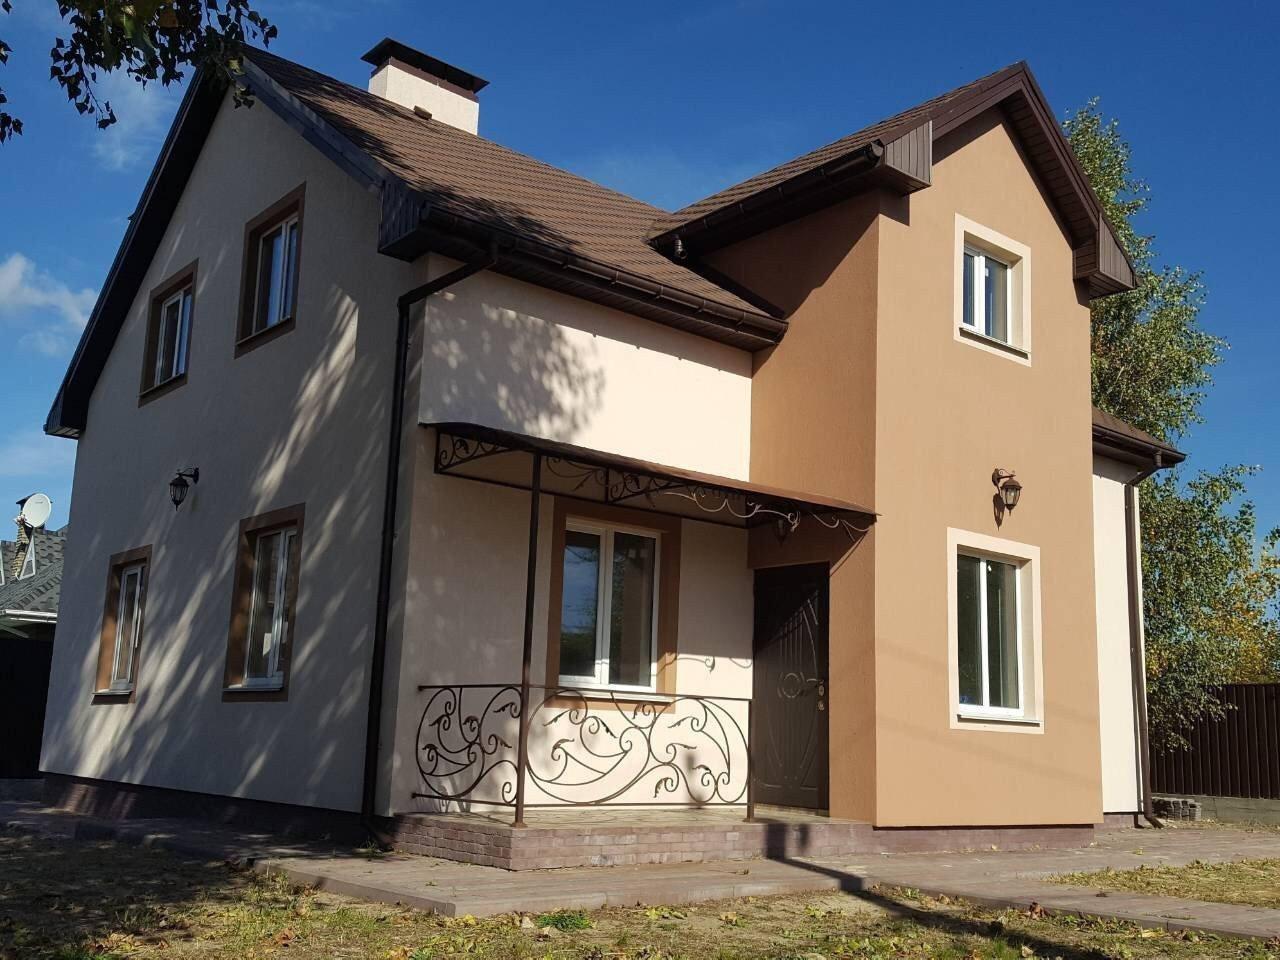 Фото: Продам дом в городе Осещина. Объявление № 6024